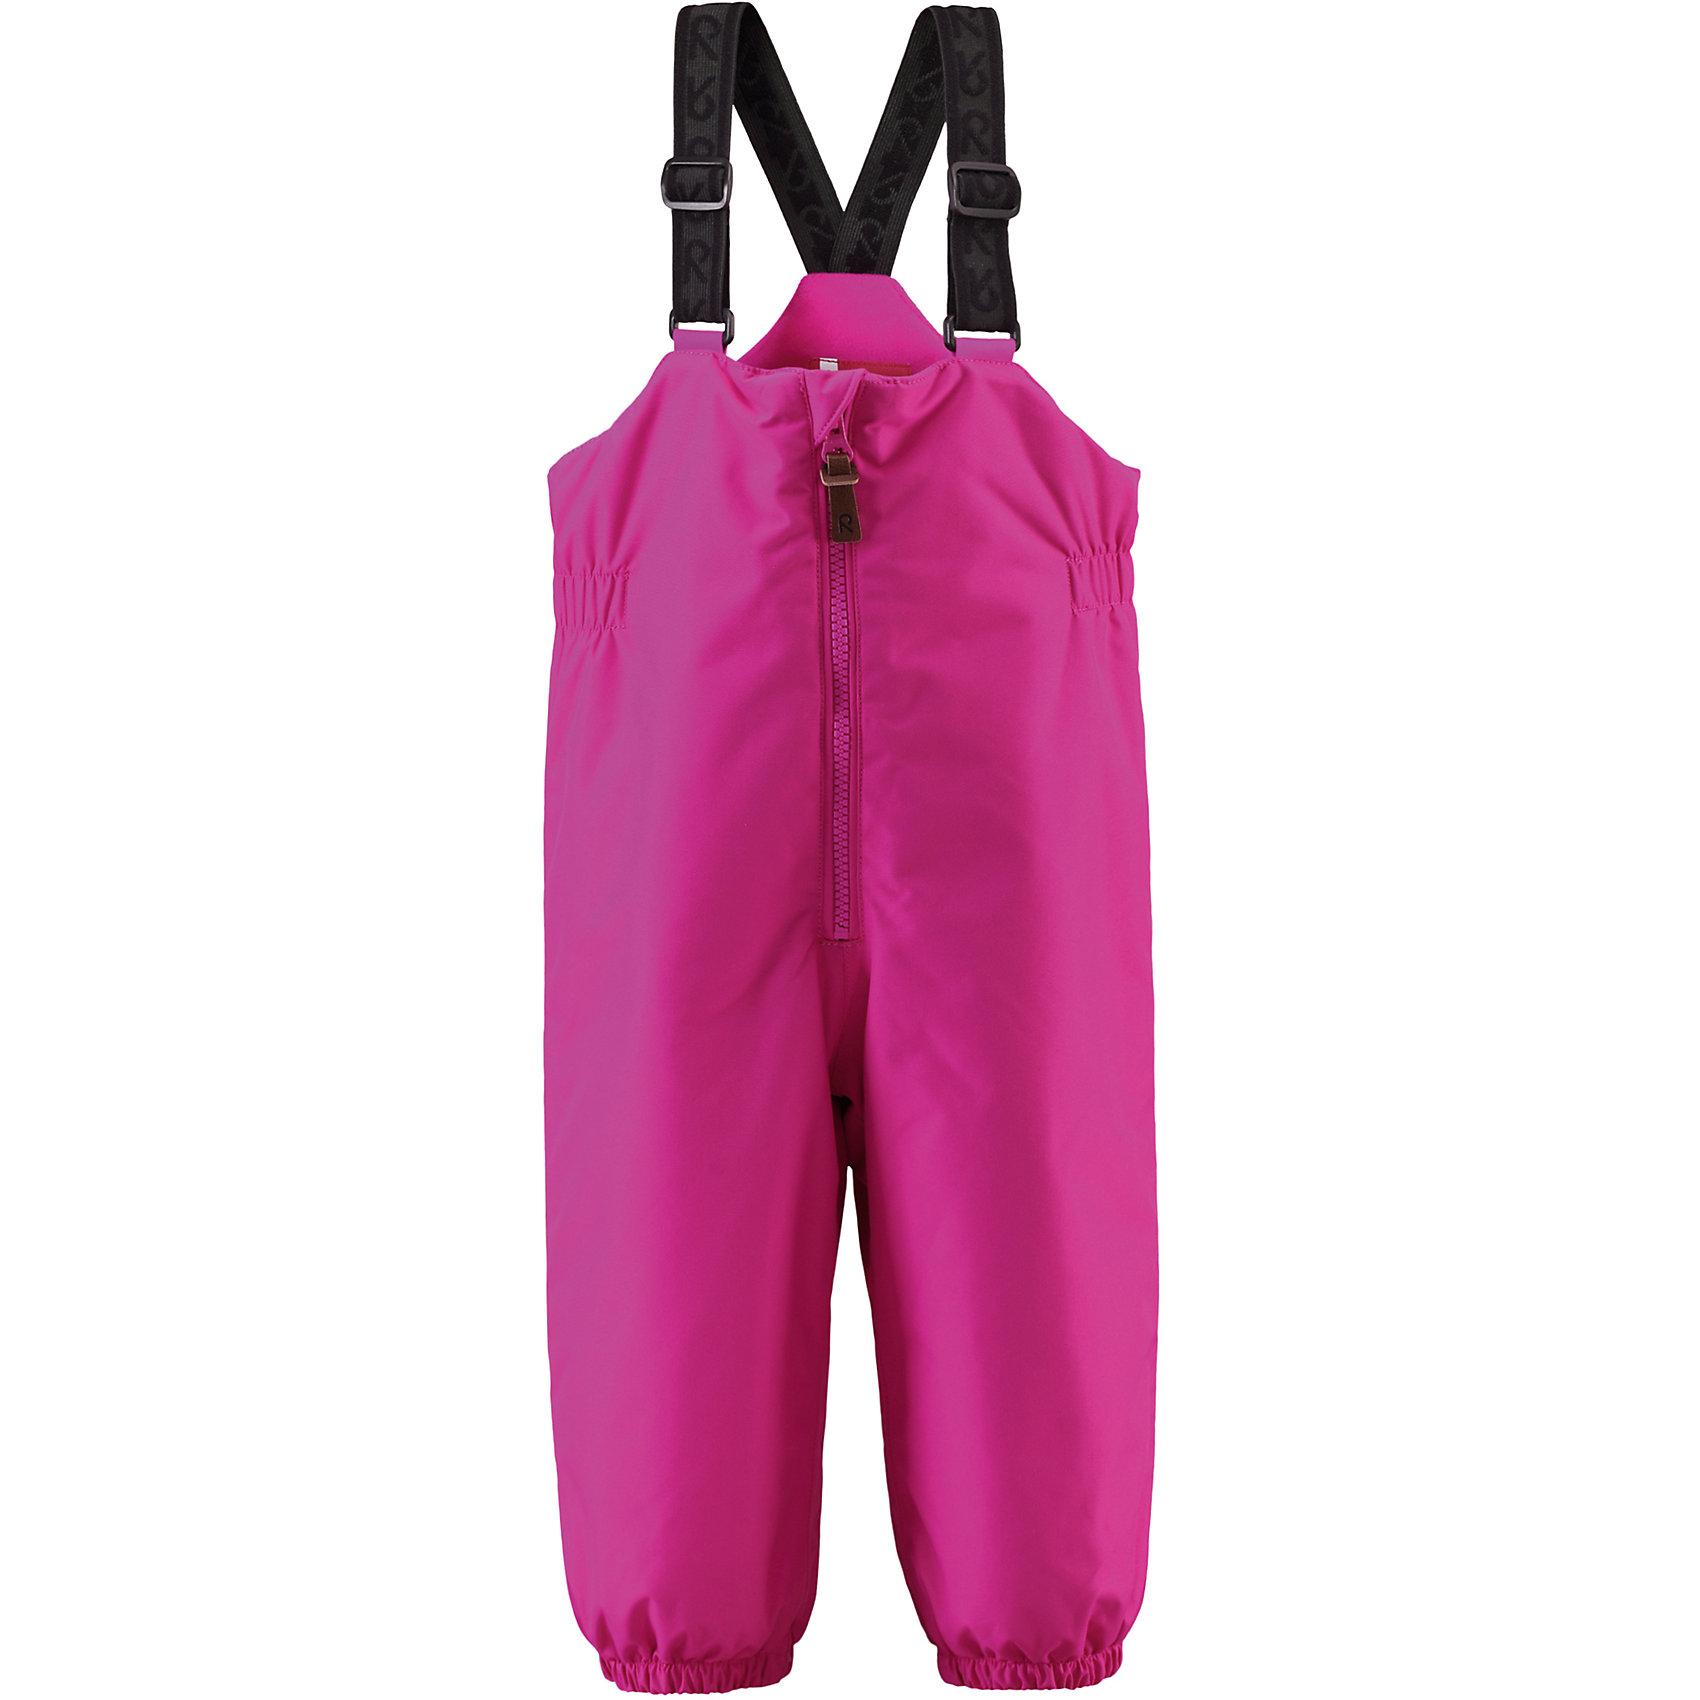 Брюки Matias для девочки ReimaОдежда<br>Брюки  Reima<br>Зимние брюки для малышей. Основные швы проклеены и не пропускают влагу. Водо- и ветронепроницаемый, «дышащий» и грязеотталкивающий материал. Утепленная задняя часть изделия. Гладкая подкладка из полиэстра. Высокая талия с регулируемыми подтяжками. Съемные эластичные штрипки. Длинная молния для легкого одевания. Безопасные светоотражающие детали.<br>Утеплитель: Reima® Comfortinsulation,140 g<br>Уход:<br>Стирать по отдельности, вывернув наизнанку. Застегнуть молнии и липучки. Стирать моющим средством, не содержащим отбеливающие вещества. Полоскать без специального средства. Во избежание изменения цвета изделие необходимо вынуть из стиральной машинки незамедлительно после окончания программы стирки. Сушить при низкой температуре.<br>Состав:<br>100% Полиамид, полиуретановое покрытие<br><br>Ширина мм: 215<br>Глубина мм: 88<br>Высота мм: 191<br>Вес г: 336<br>Цвет: розовый<br>Возраст от месяцев: 12<br>Возраст до месяцев: 18<br>Пол: Женский<br>Возраст: Детский<br>Размер: 86,92,98,80<br>SKU: 4779561